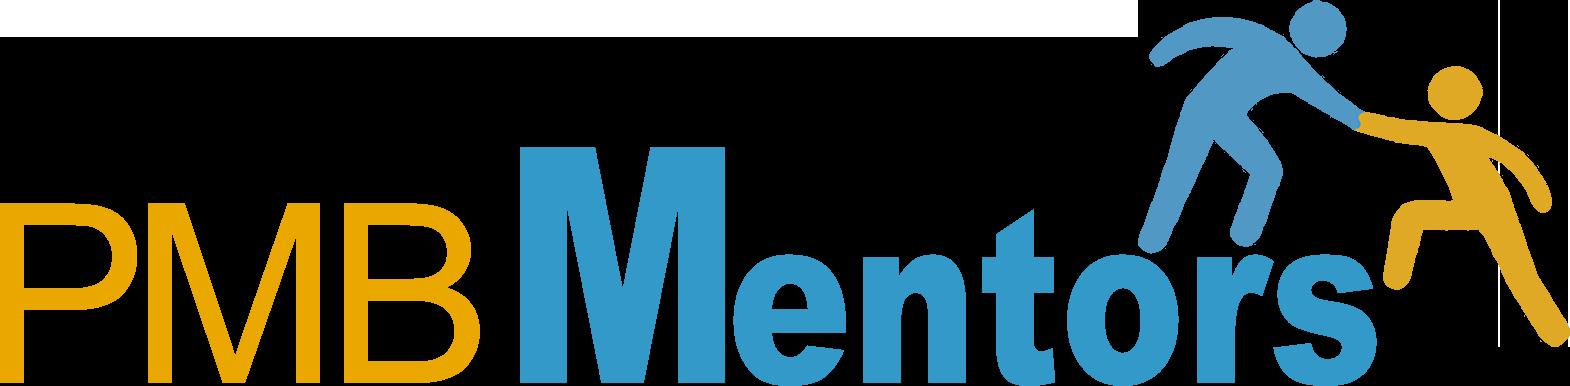 PMB Mentors